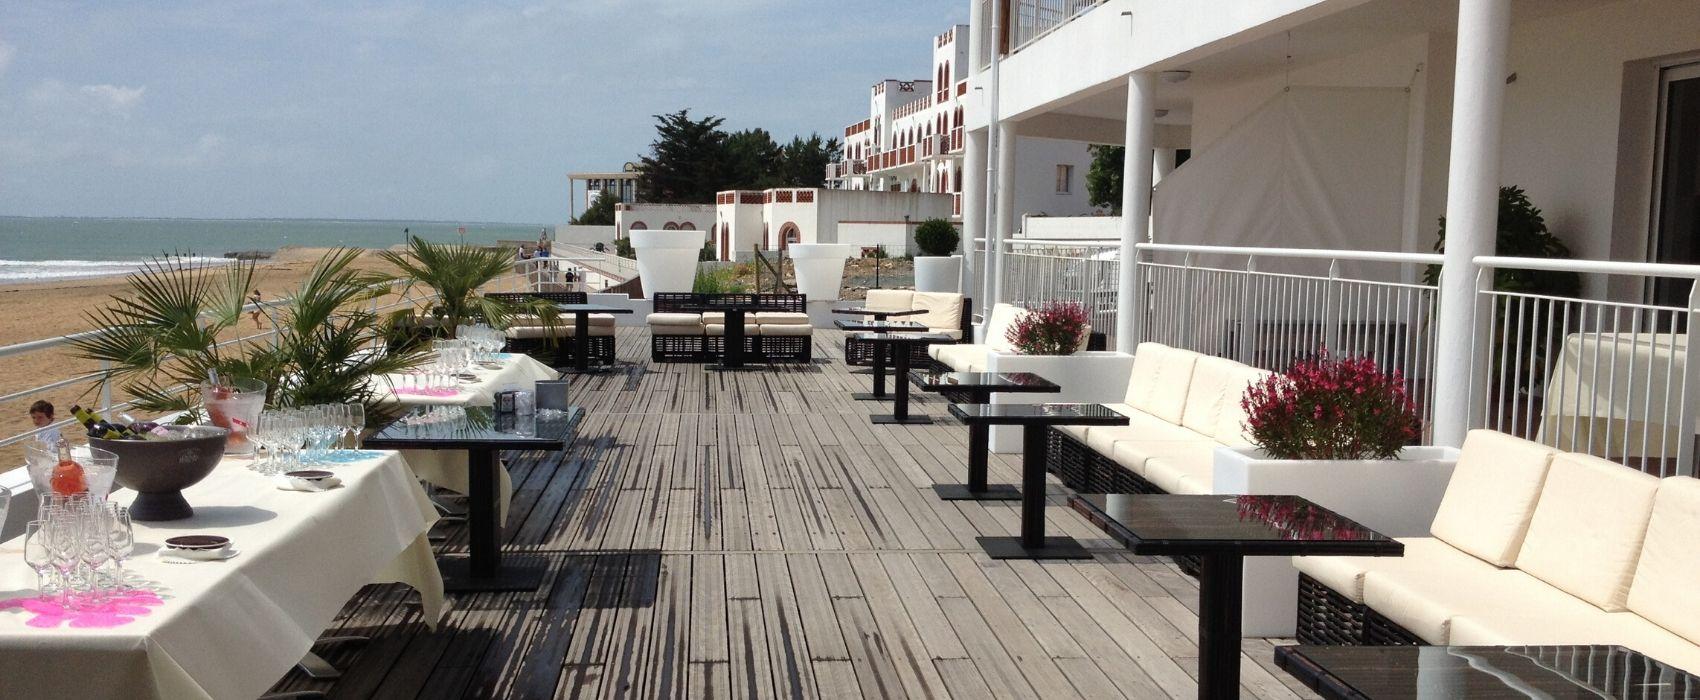 espaces evenements-plage1